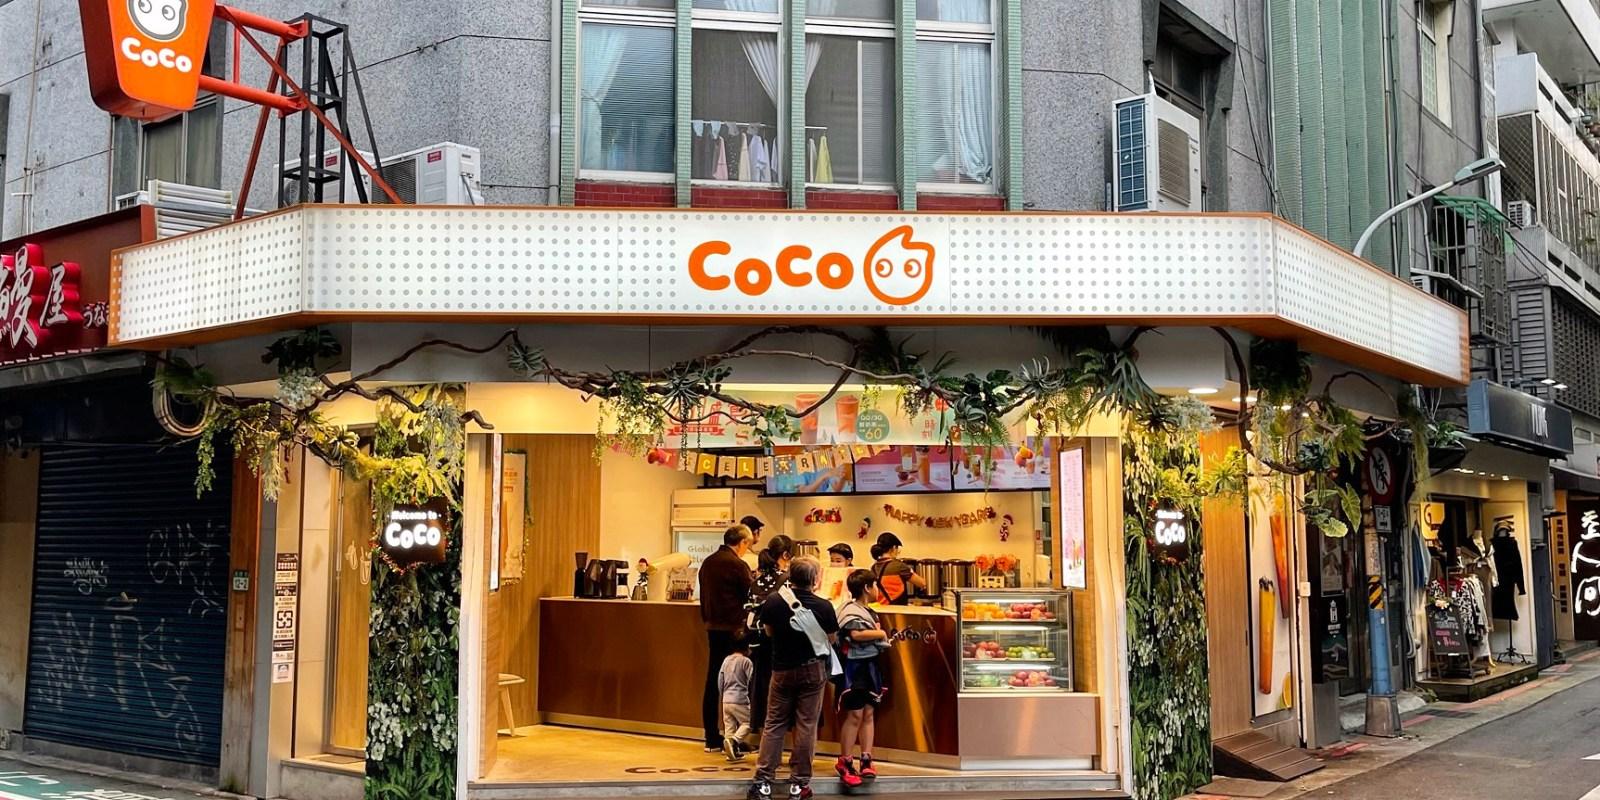 CoCo都可的2021年菜單、優惠、最新品項和分店介紹(5月更新)